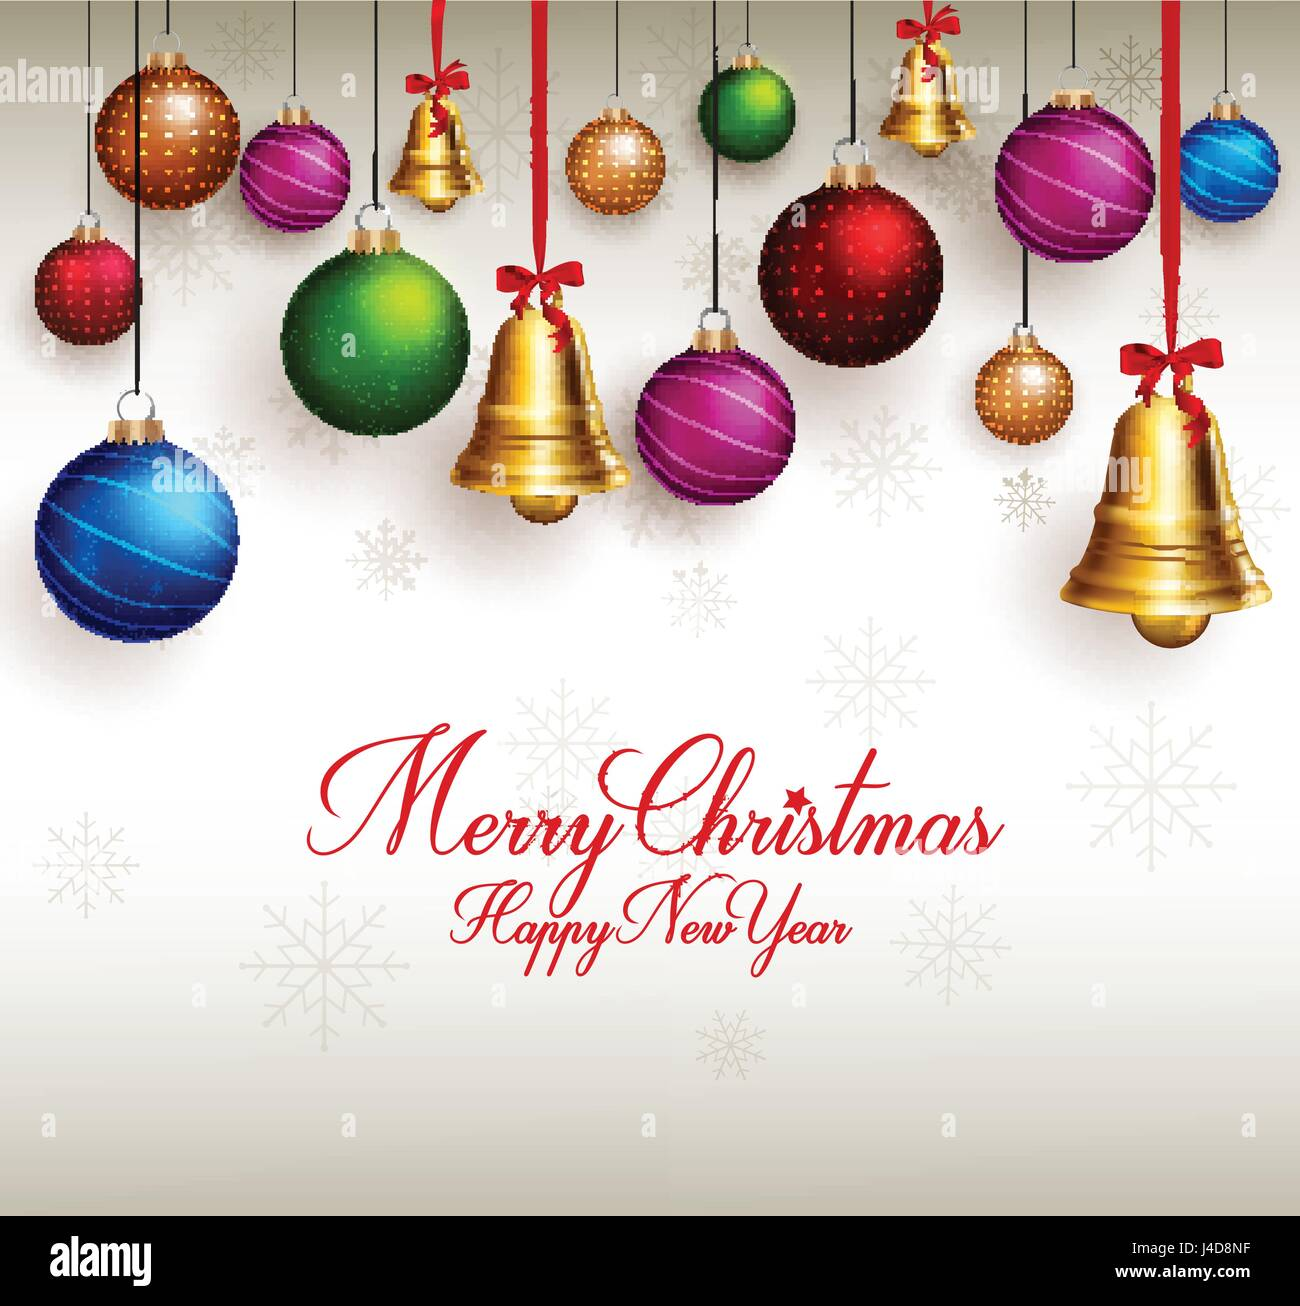 Frohe Weihnachten Grüße.Frohe Weihnachten Grüße Vektor Mit Hängenden Bunten Glocken Und